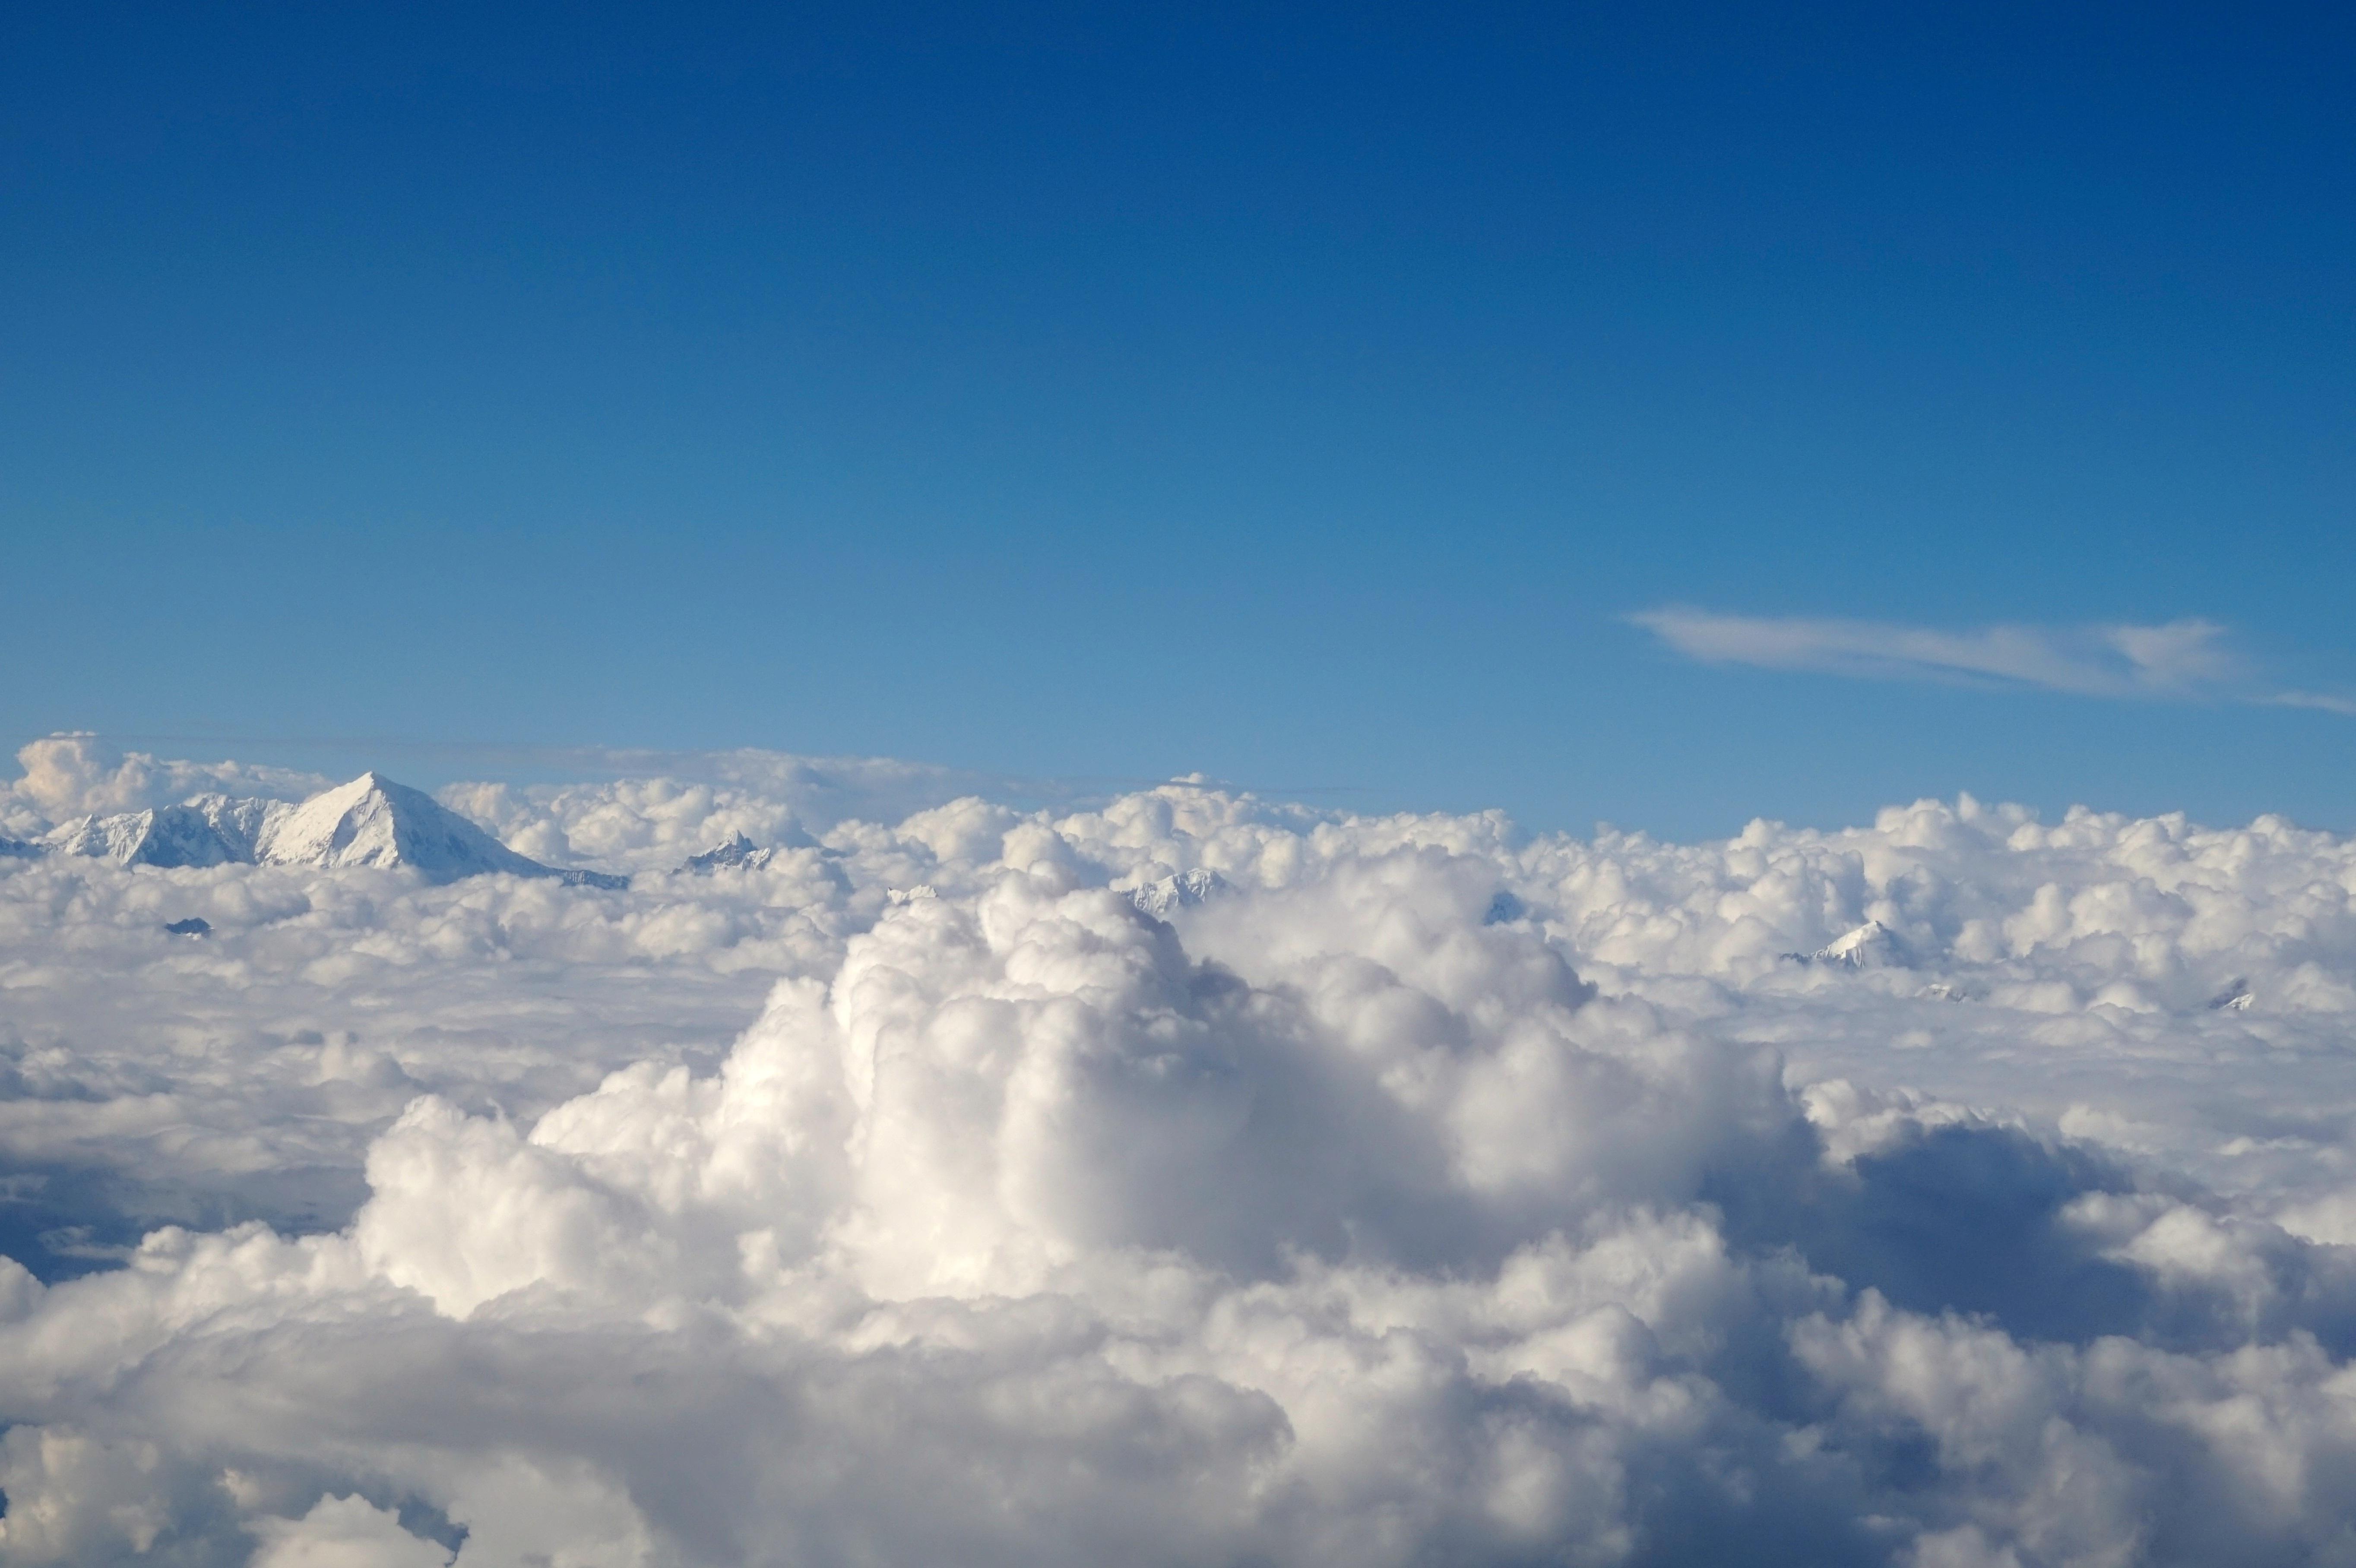 восхождения картинки неба с высоты птичьего полета вас